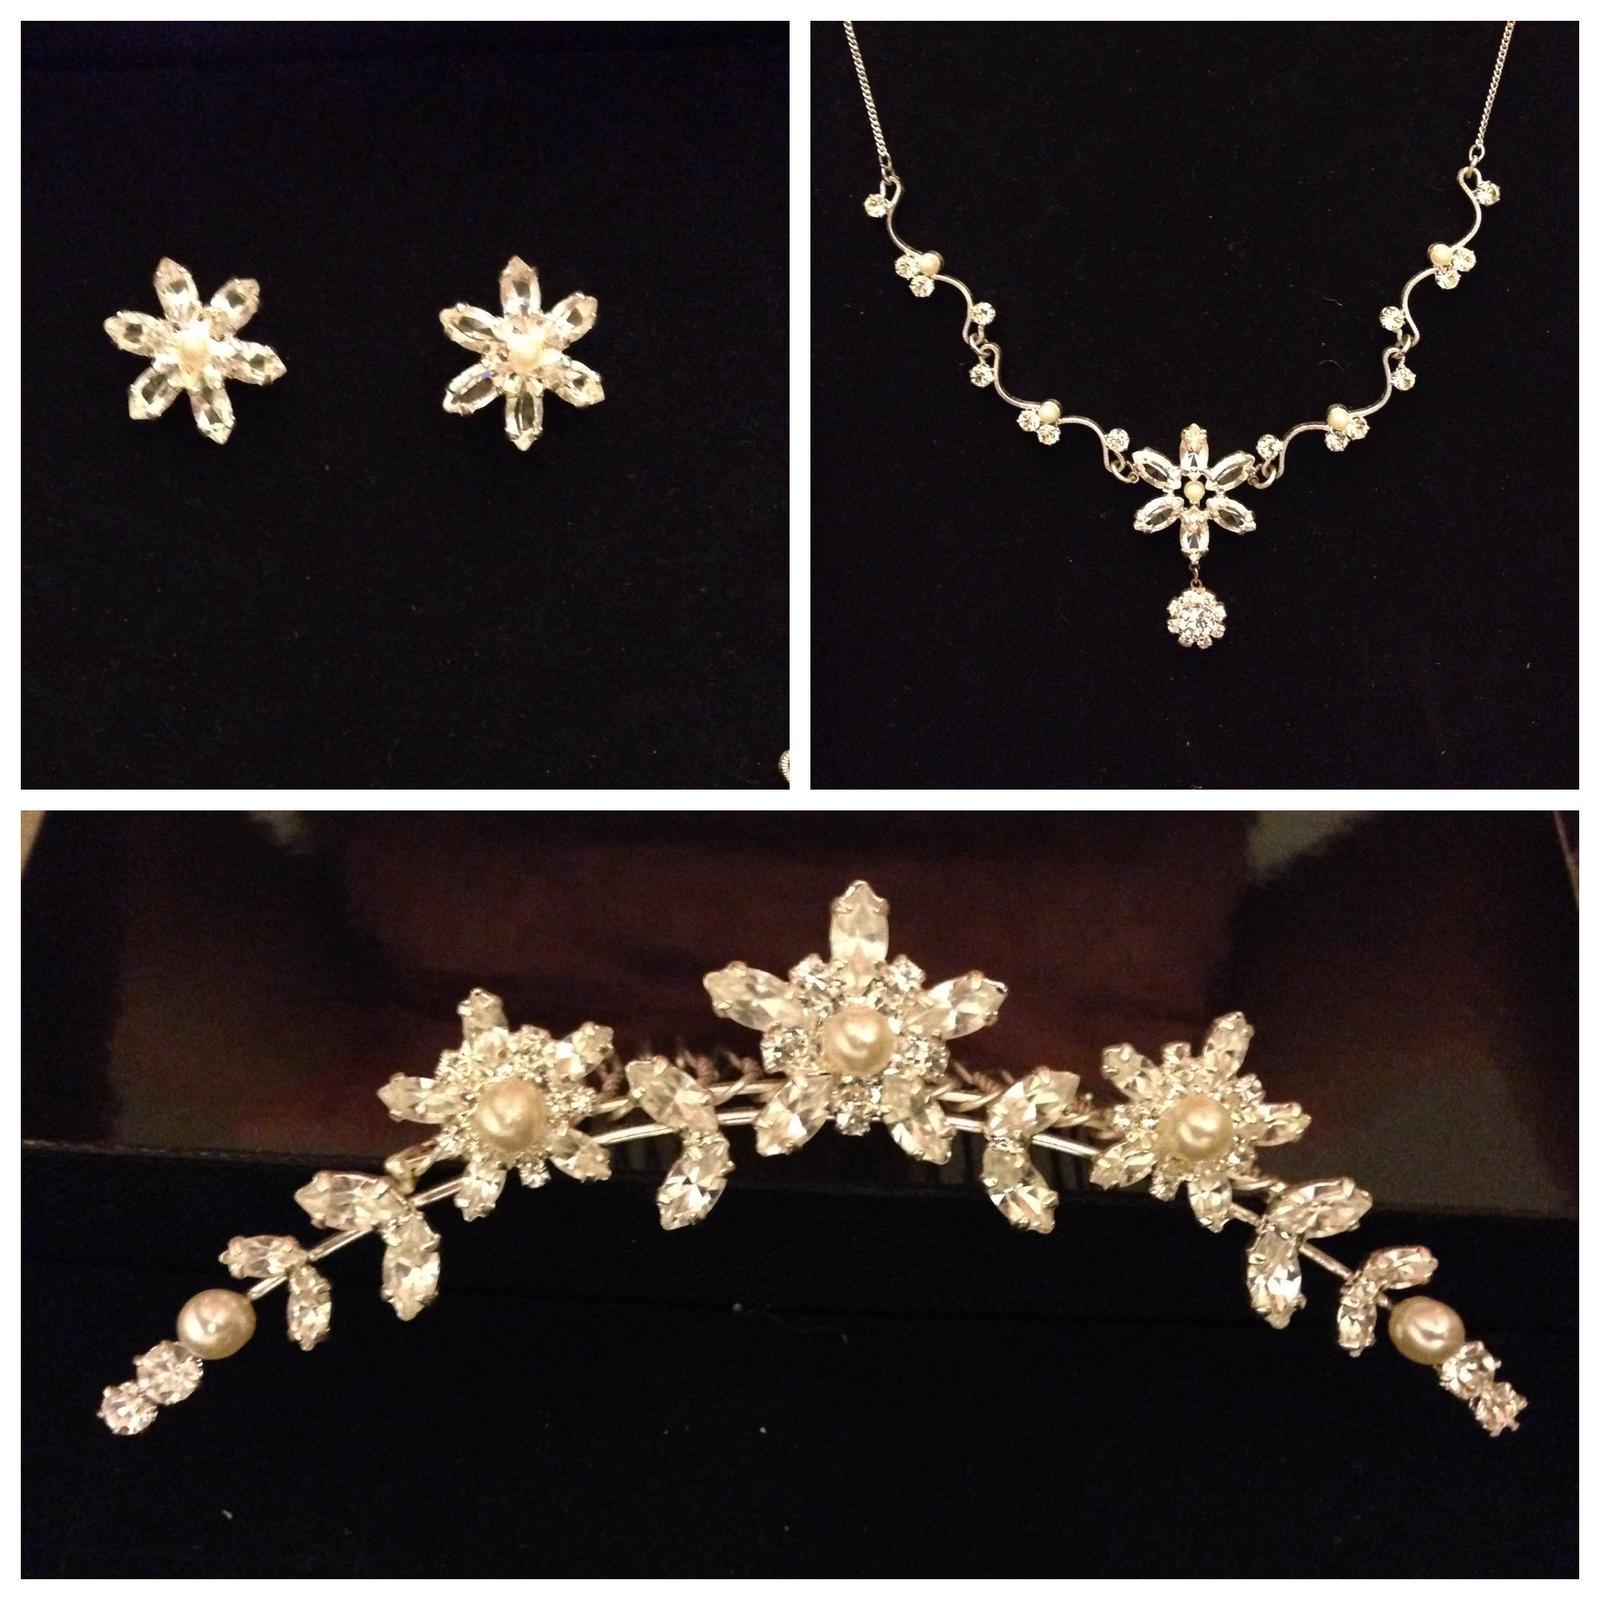 Sada čelenka, náhrdelník a naušnice - Obrázek č. 3